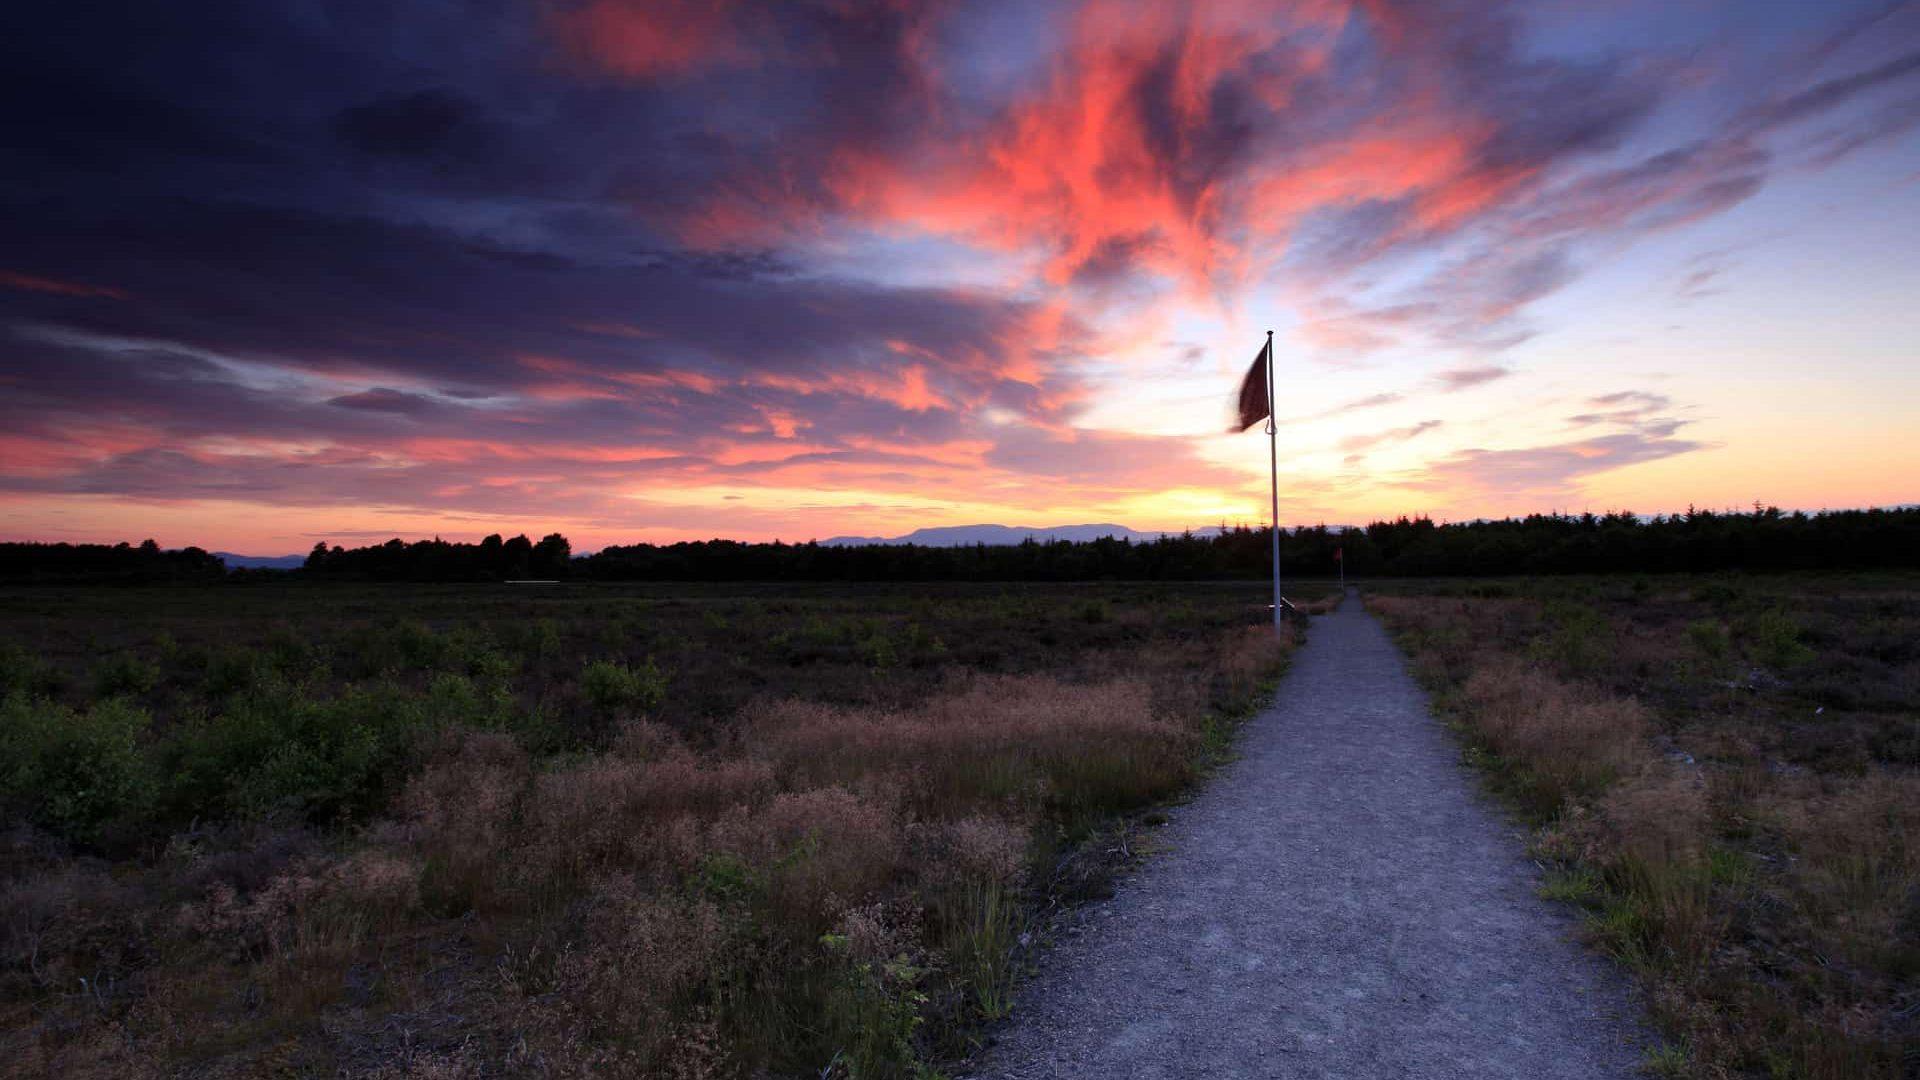 A dramatic sunset over Culloden Battlefield, near Inverness